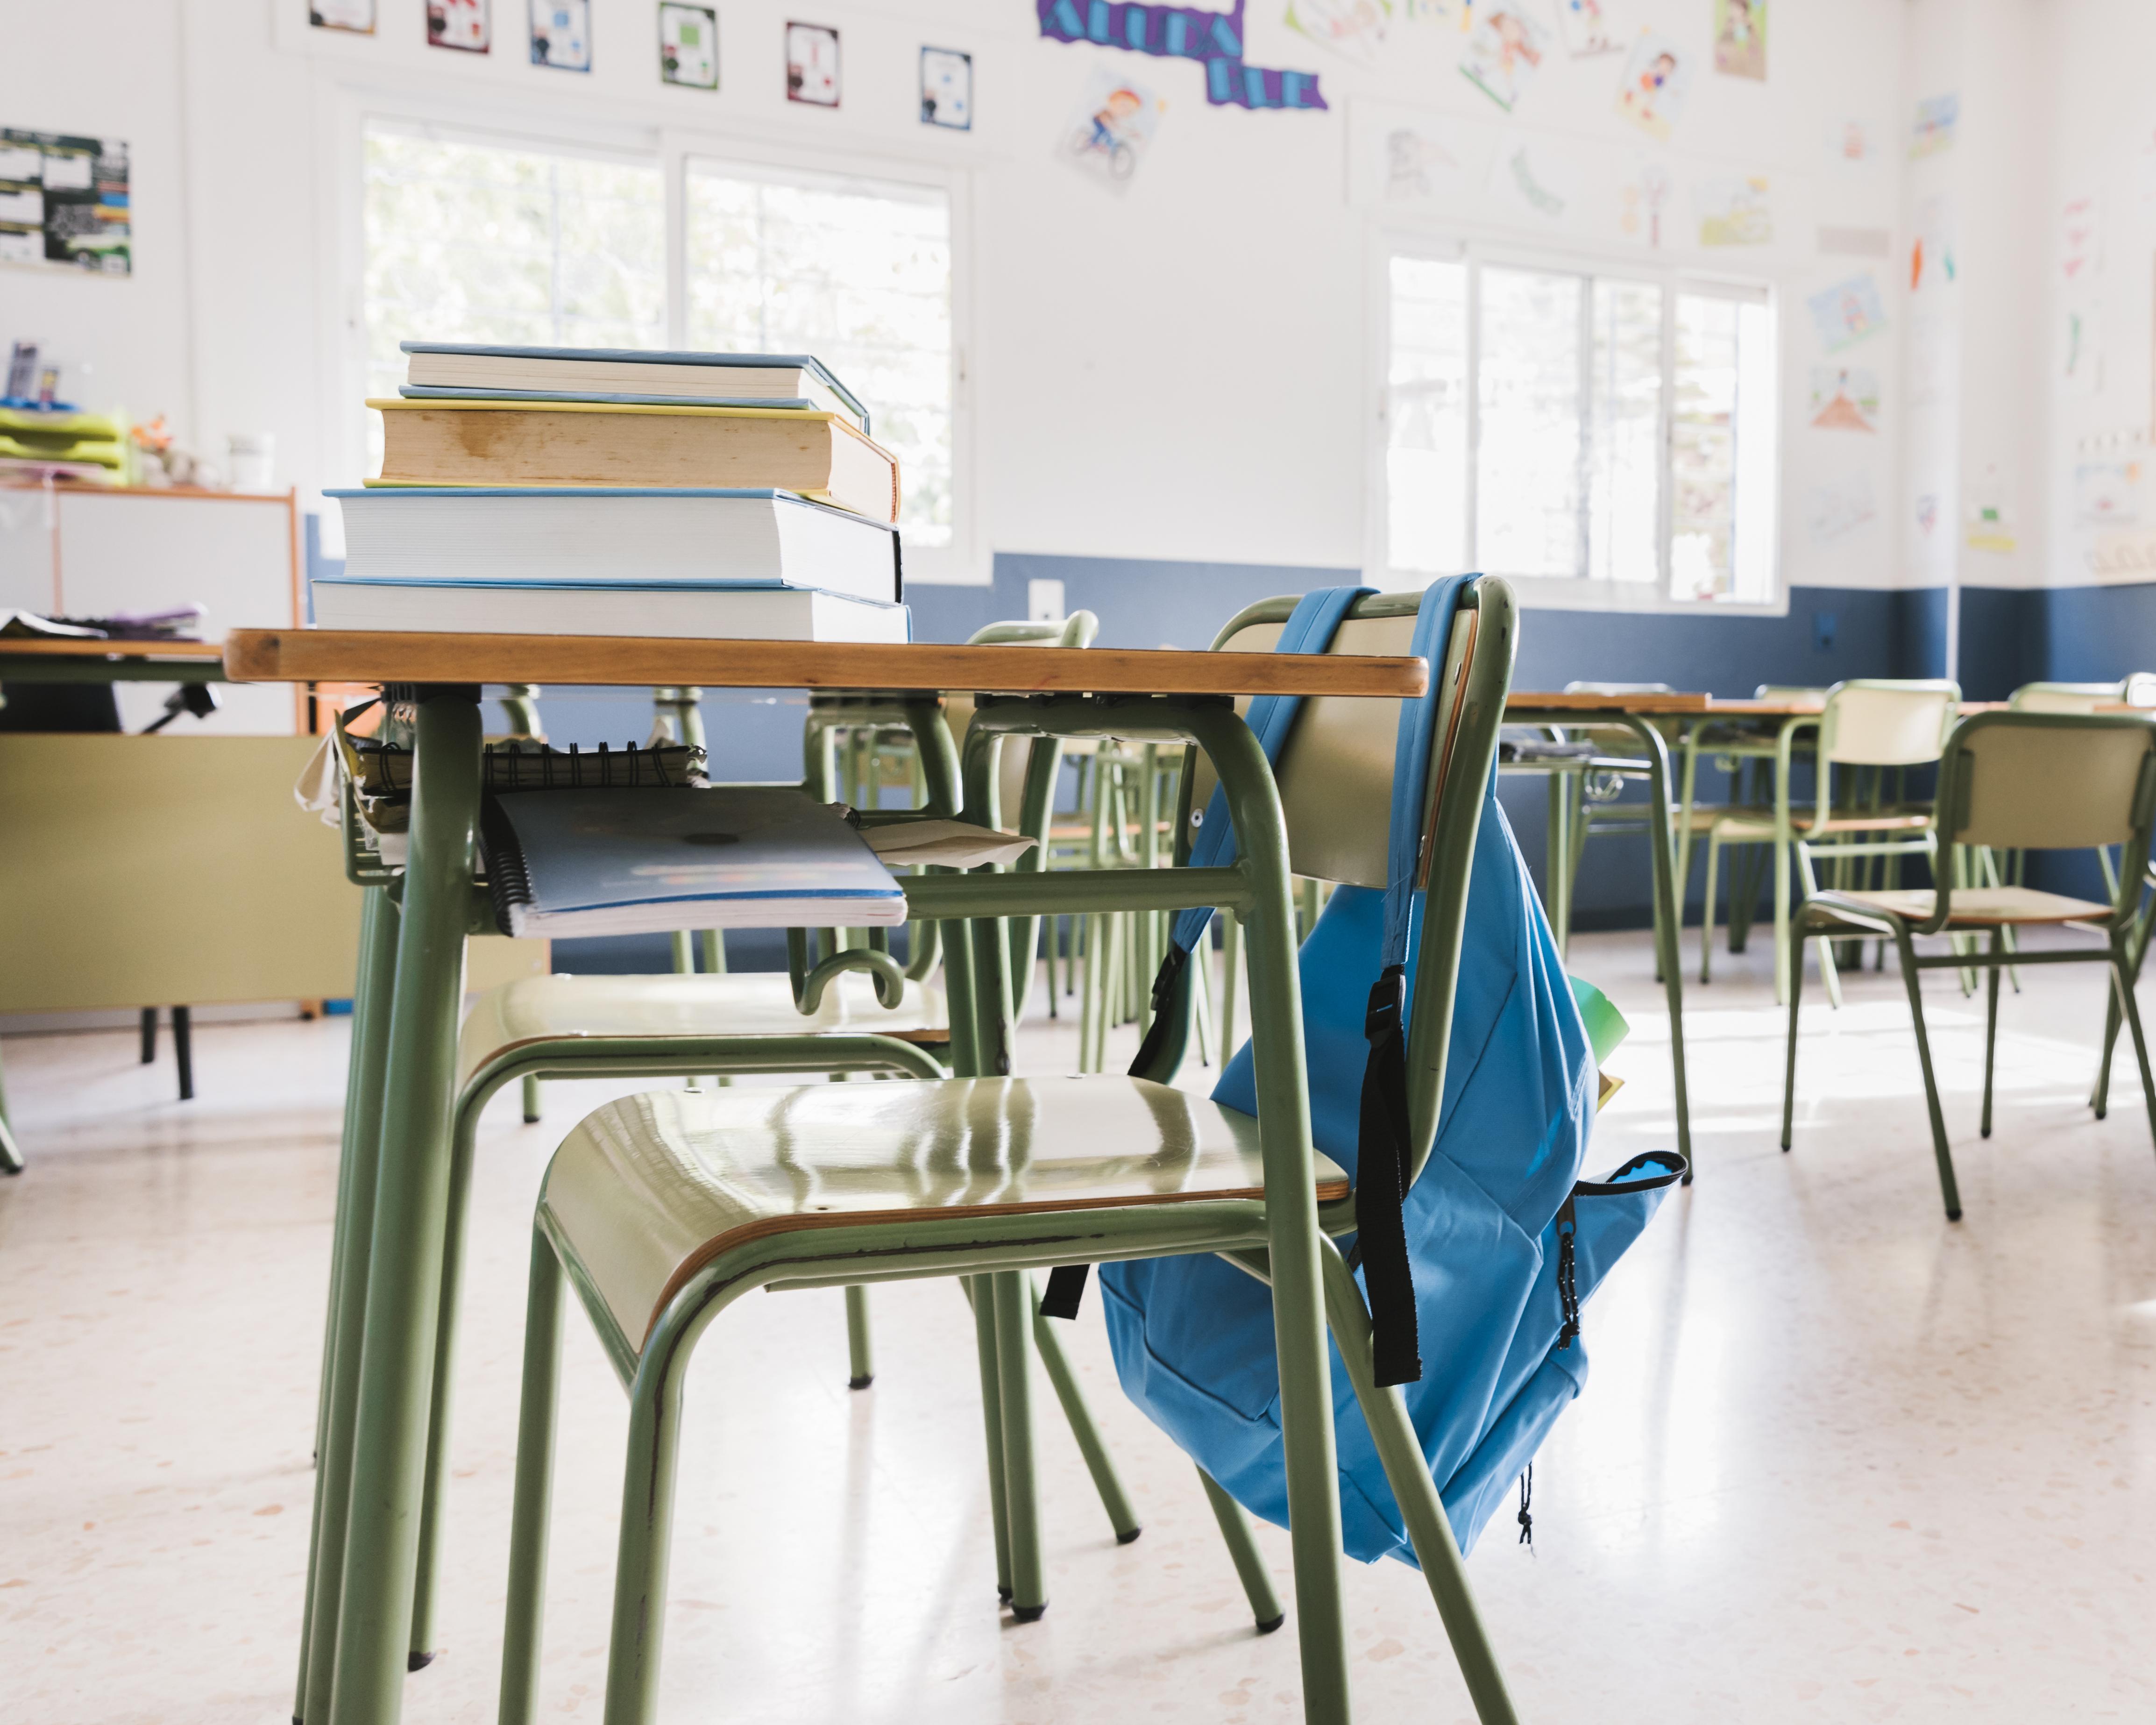 Comissão aprova projeto que prevê distribuição de royalties do pré-sal conforme desempenho das escolas